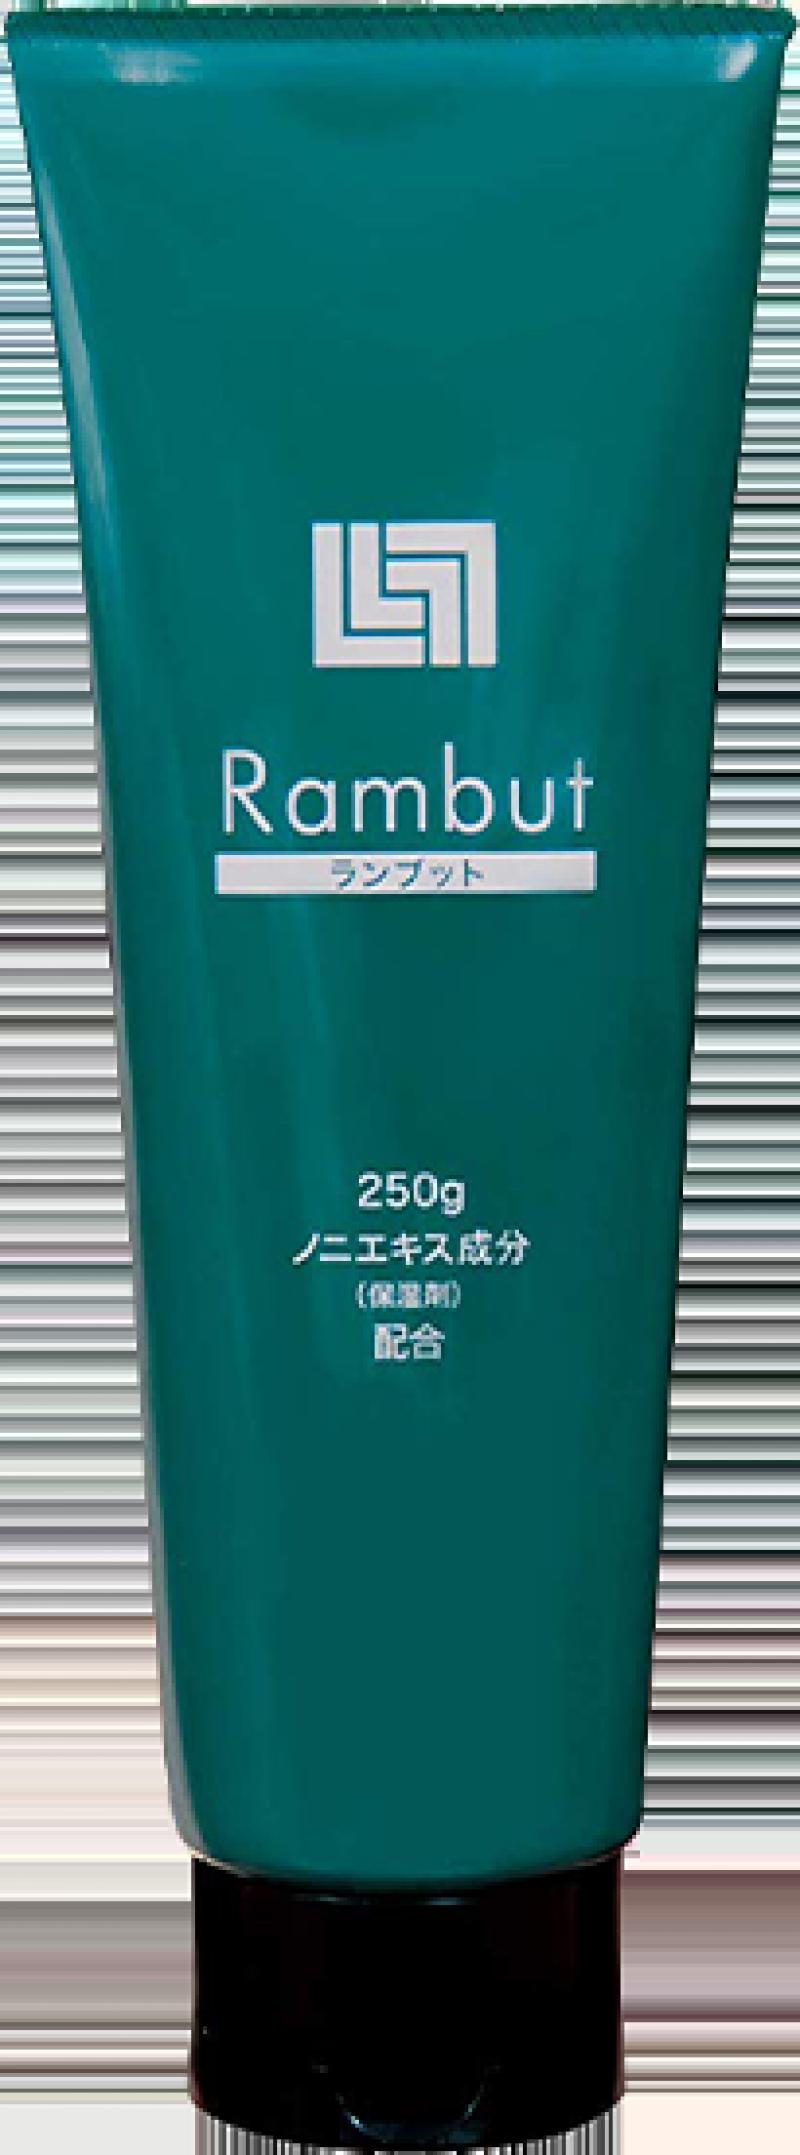 Rambut/ランブット